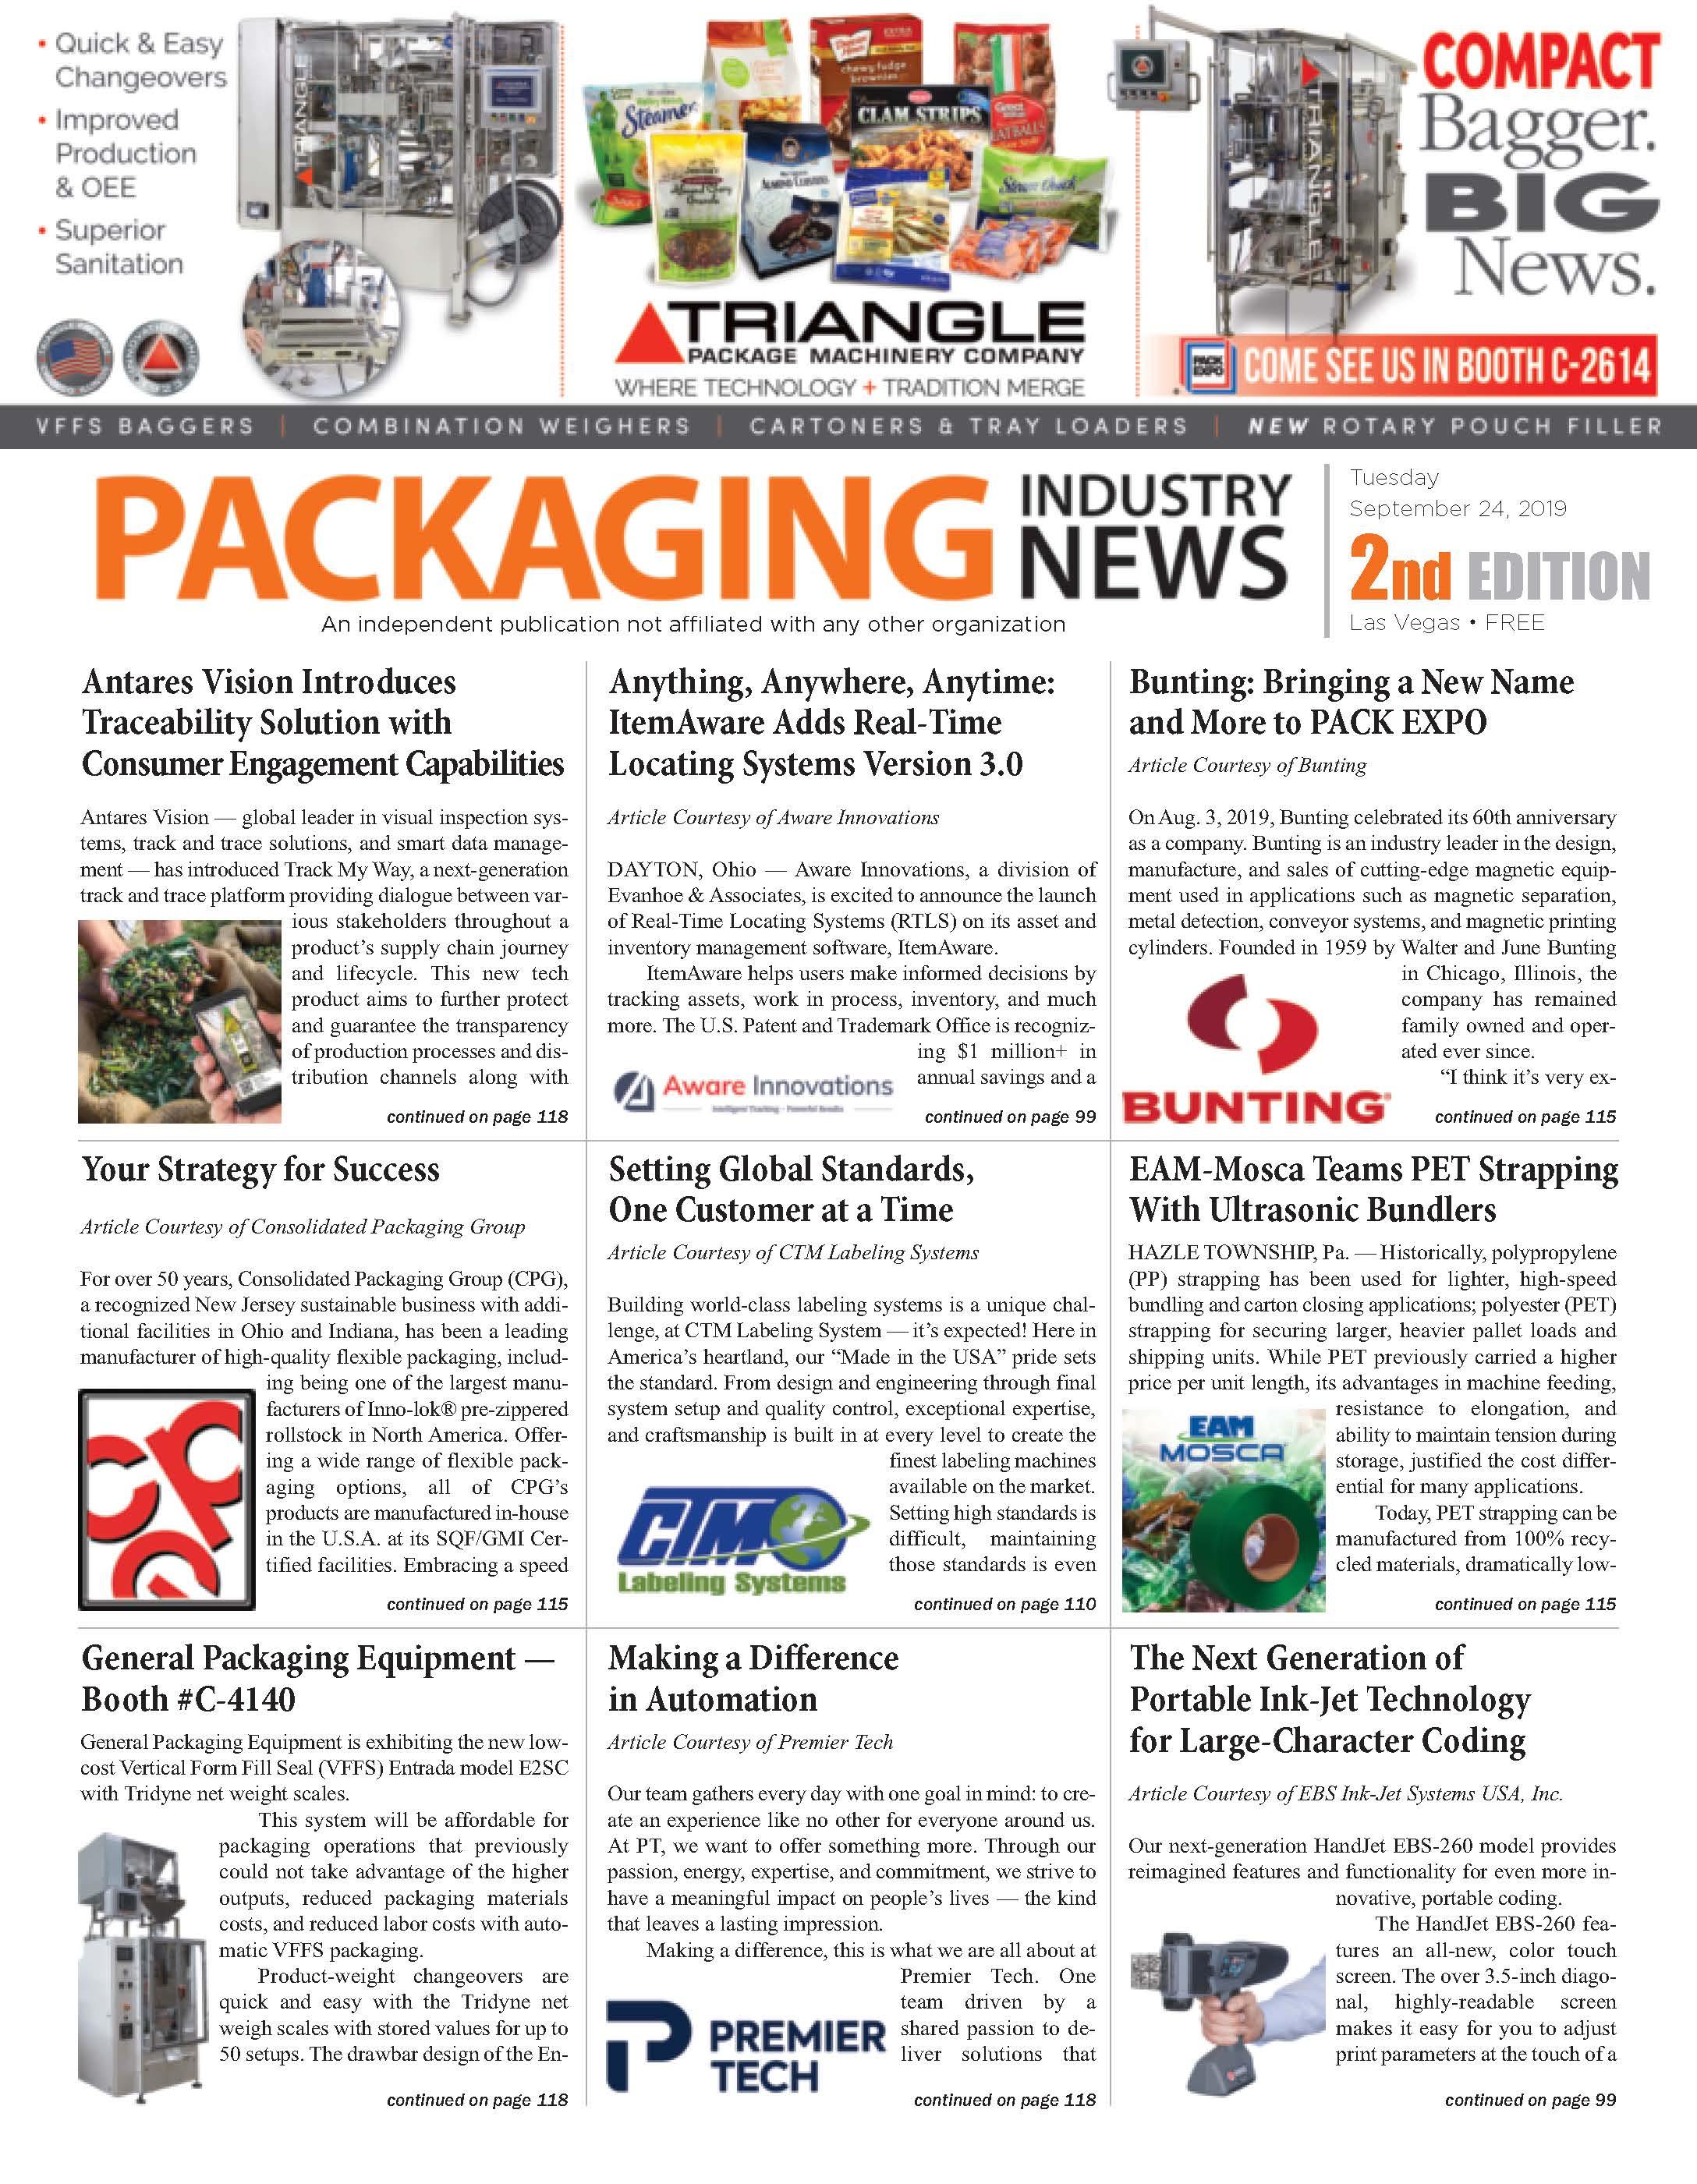 Packaging Industry News